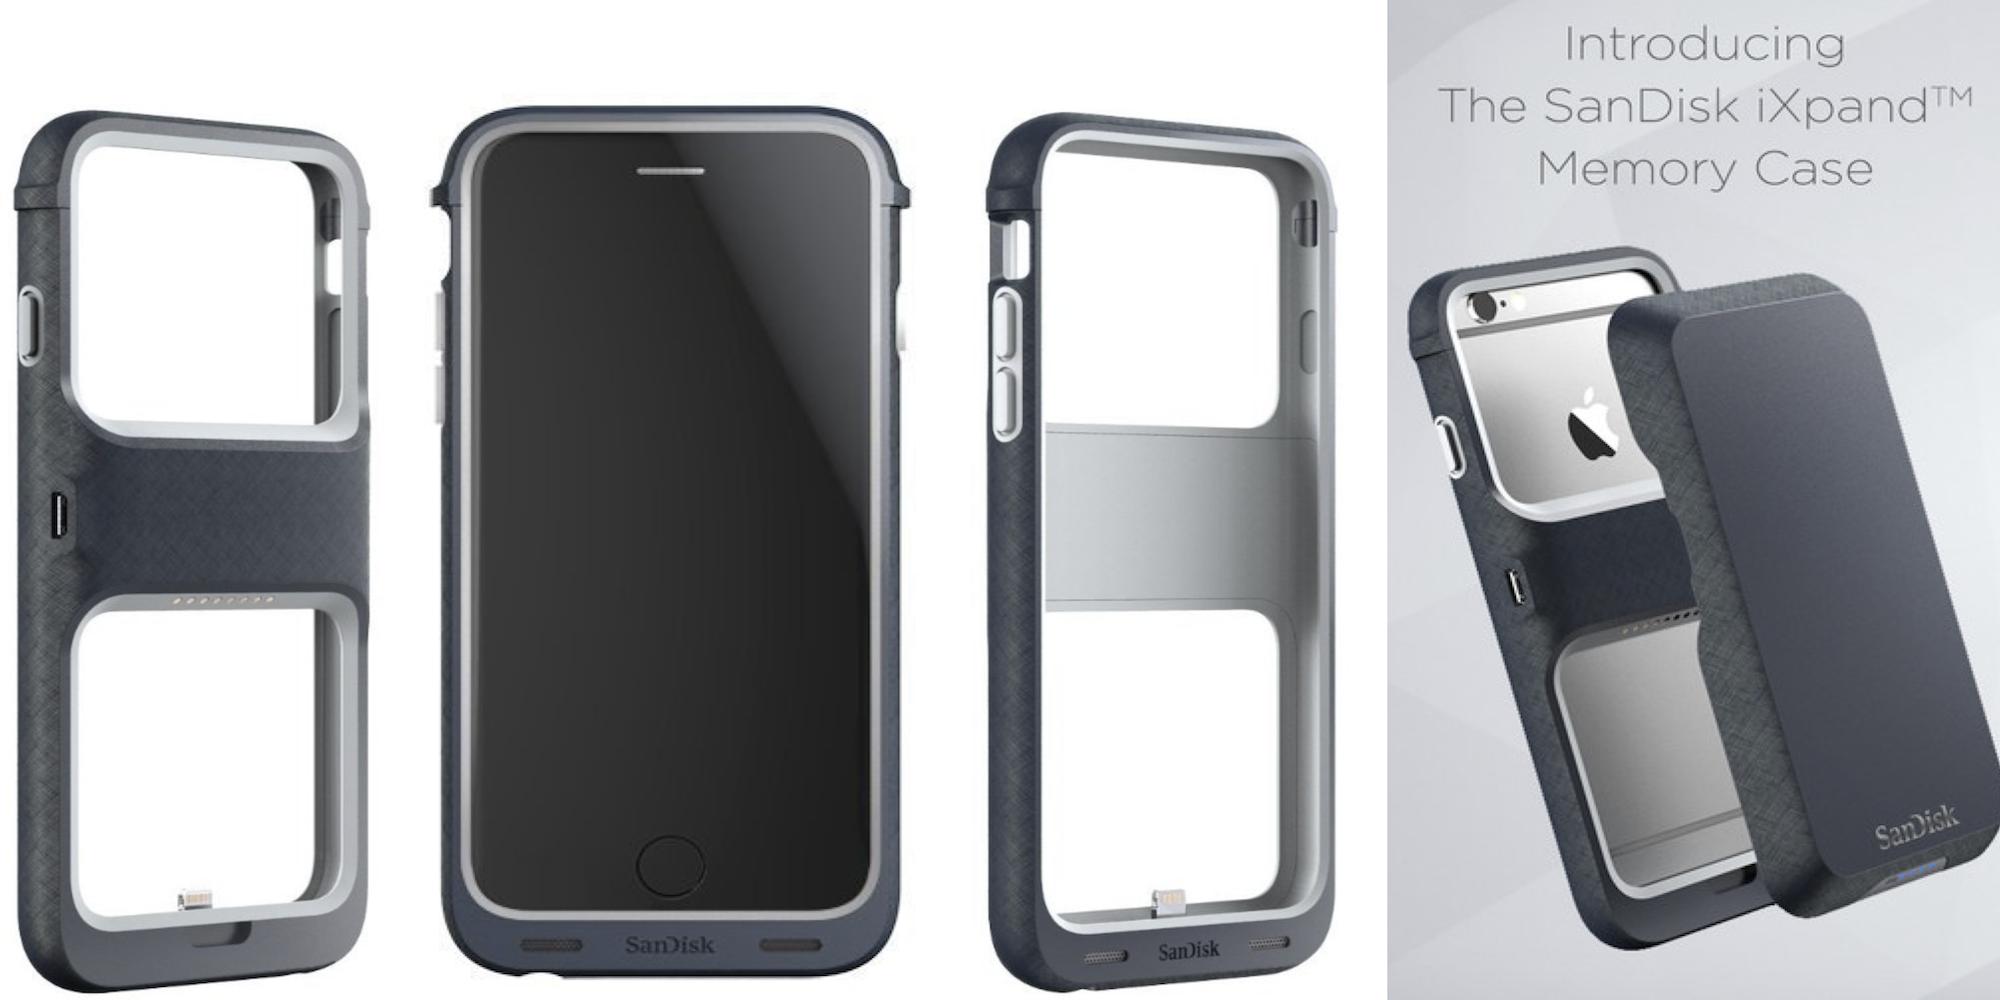 iXpand-Memory-Case-